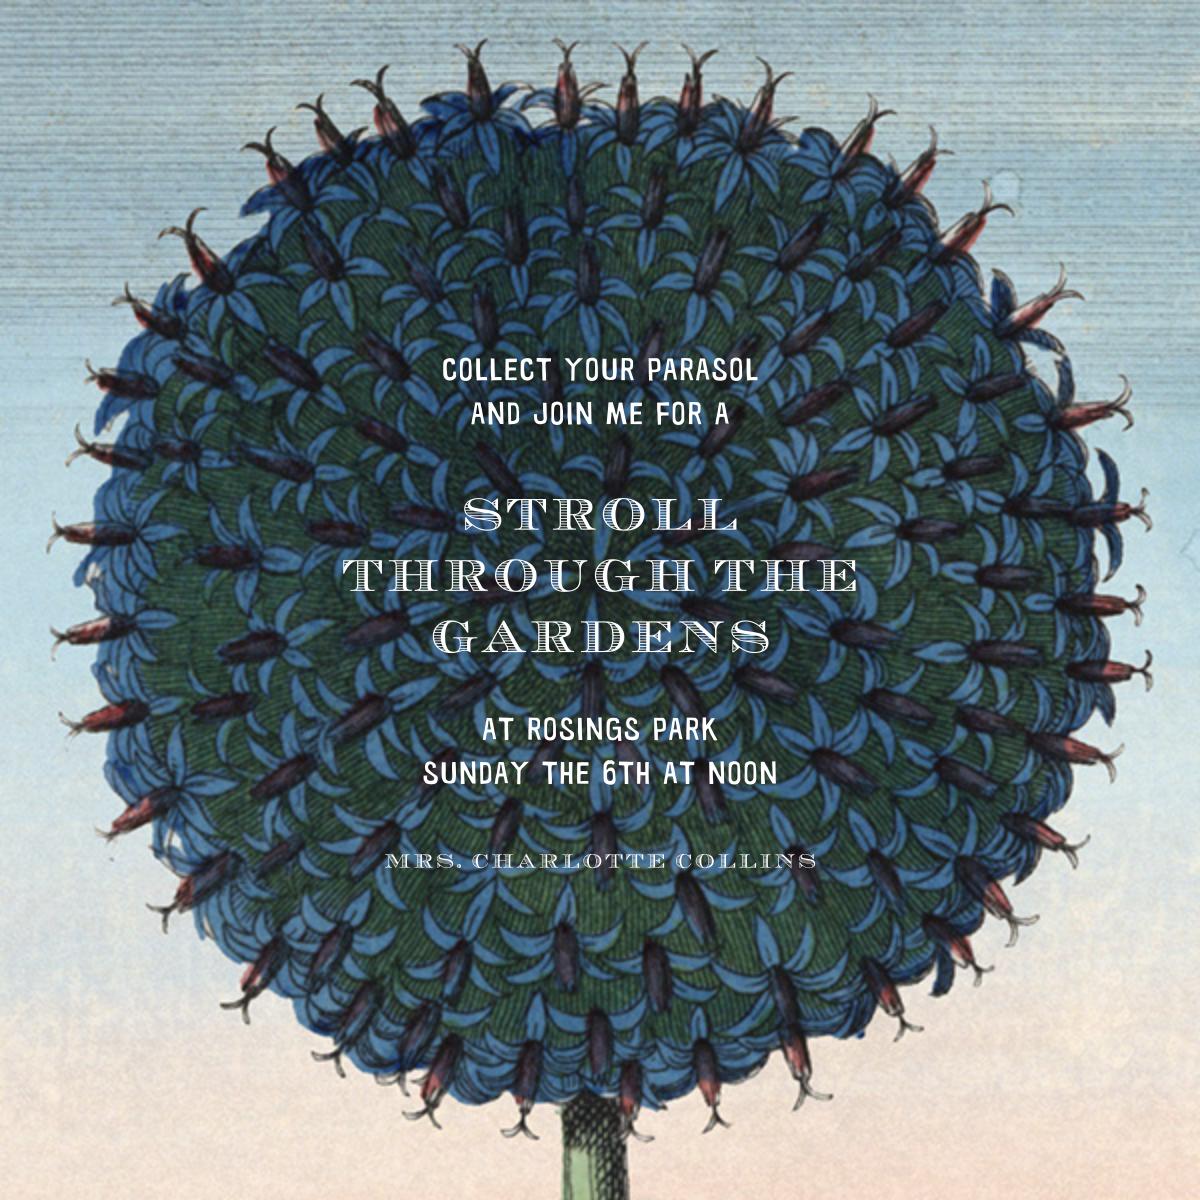 Blue Flower - John Derian - Spring entertaining